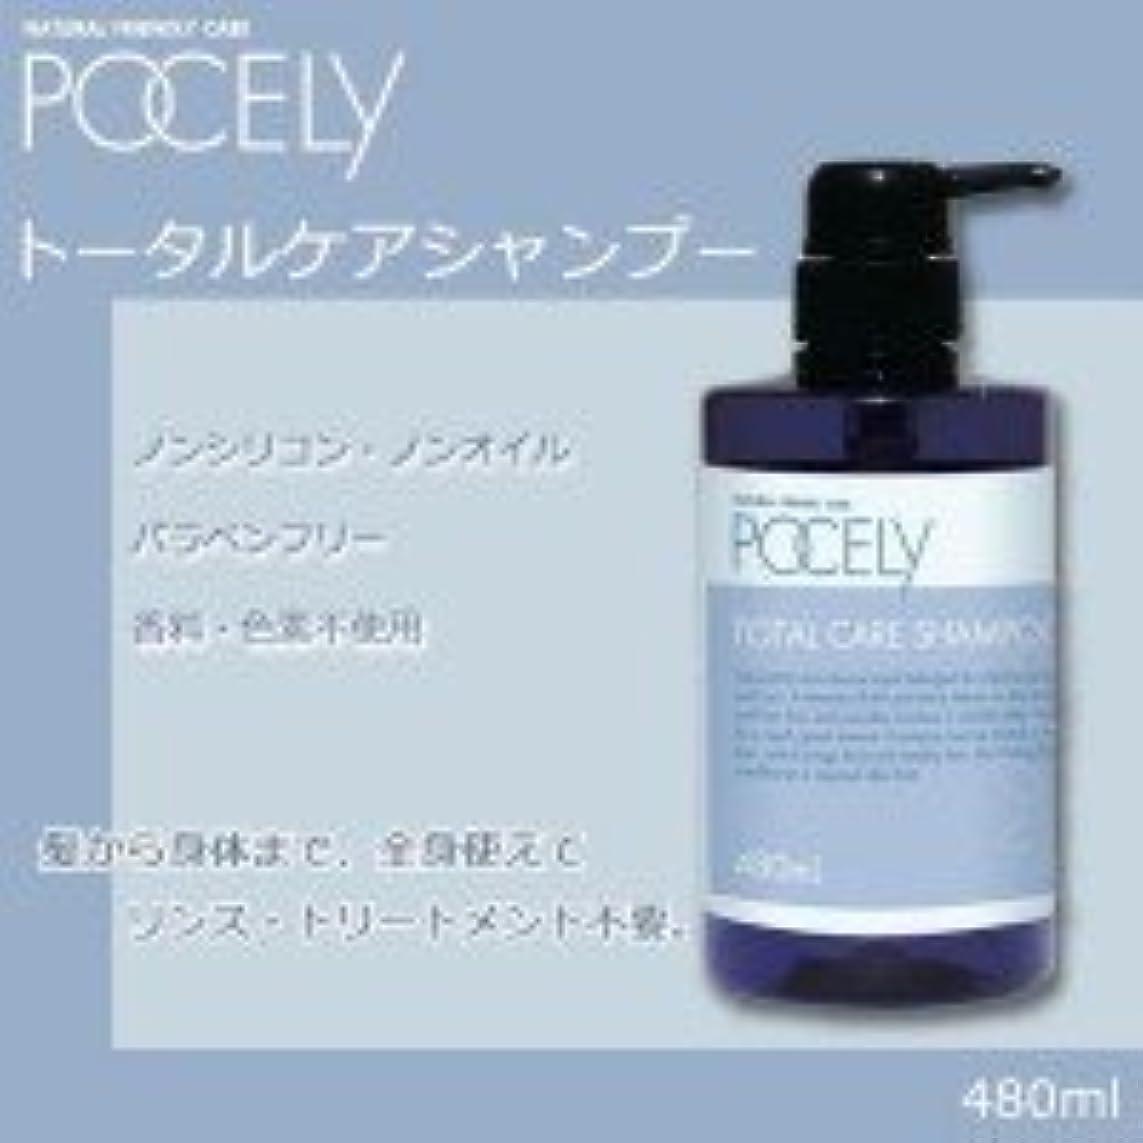 囲まれた可愛い技術皮膚医学に基づいて開発! POCELY(ポーセリー) トータルケアシャンプー480ml